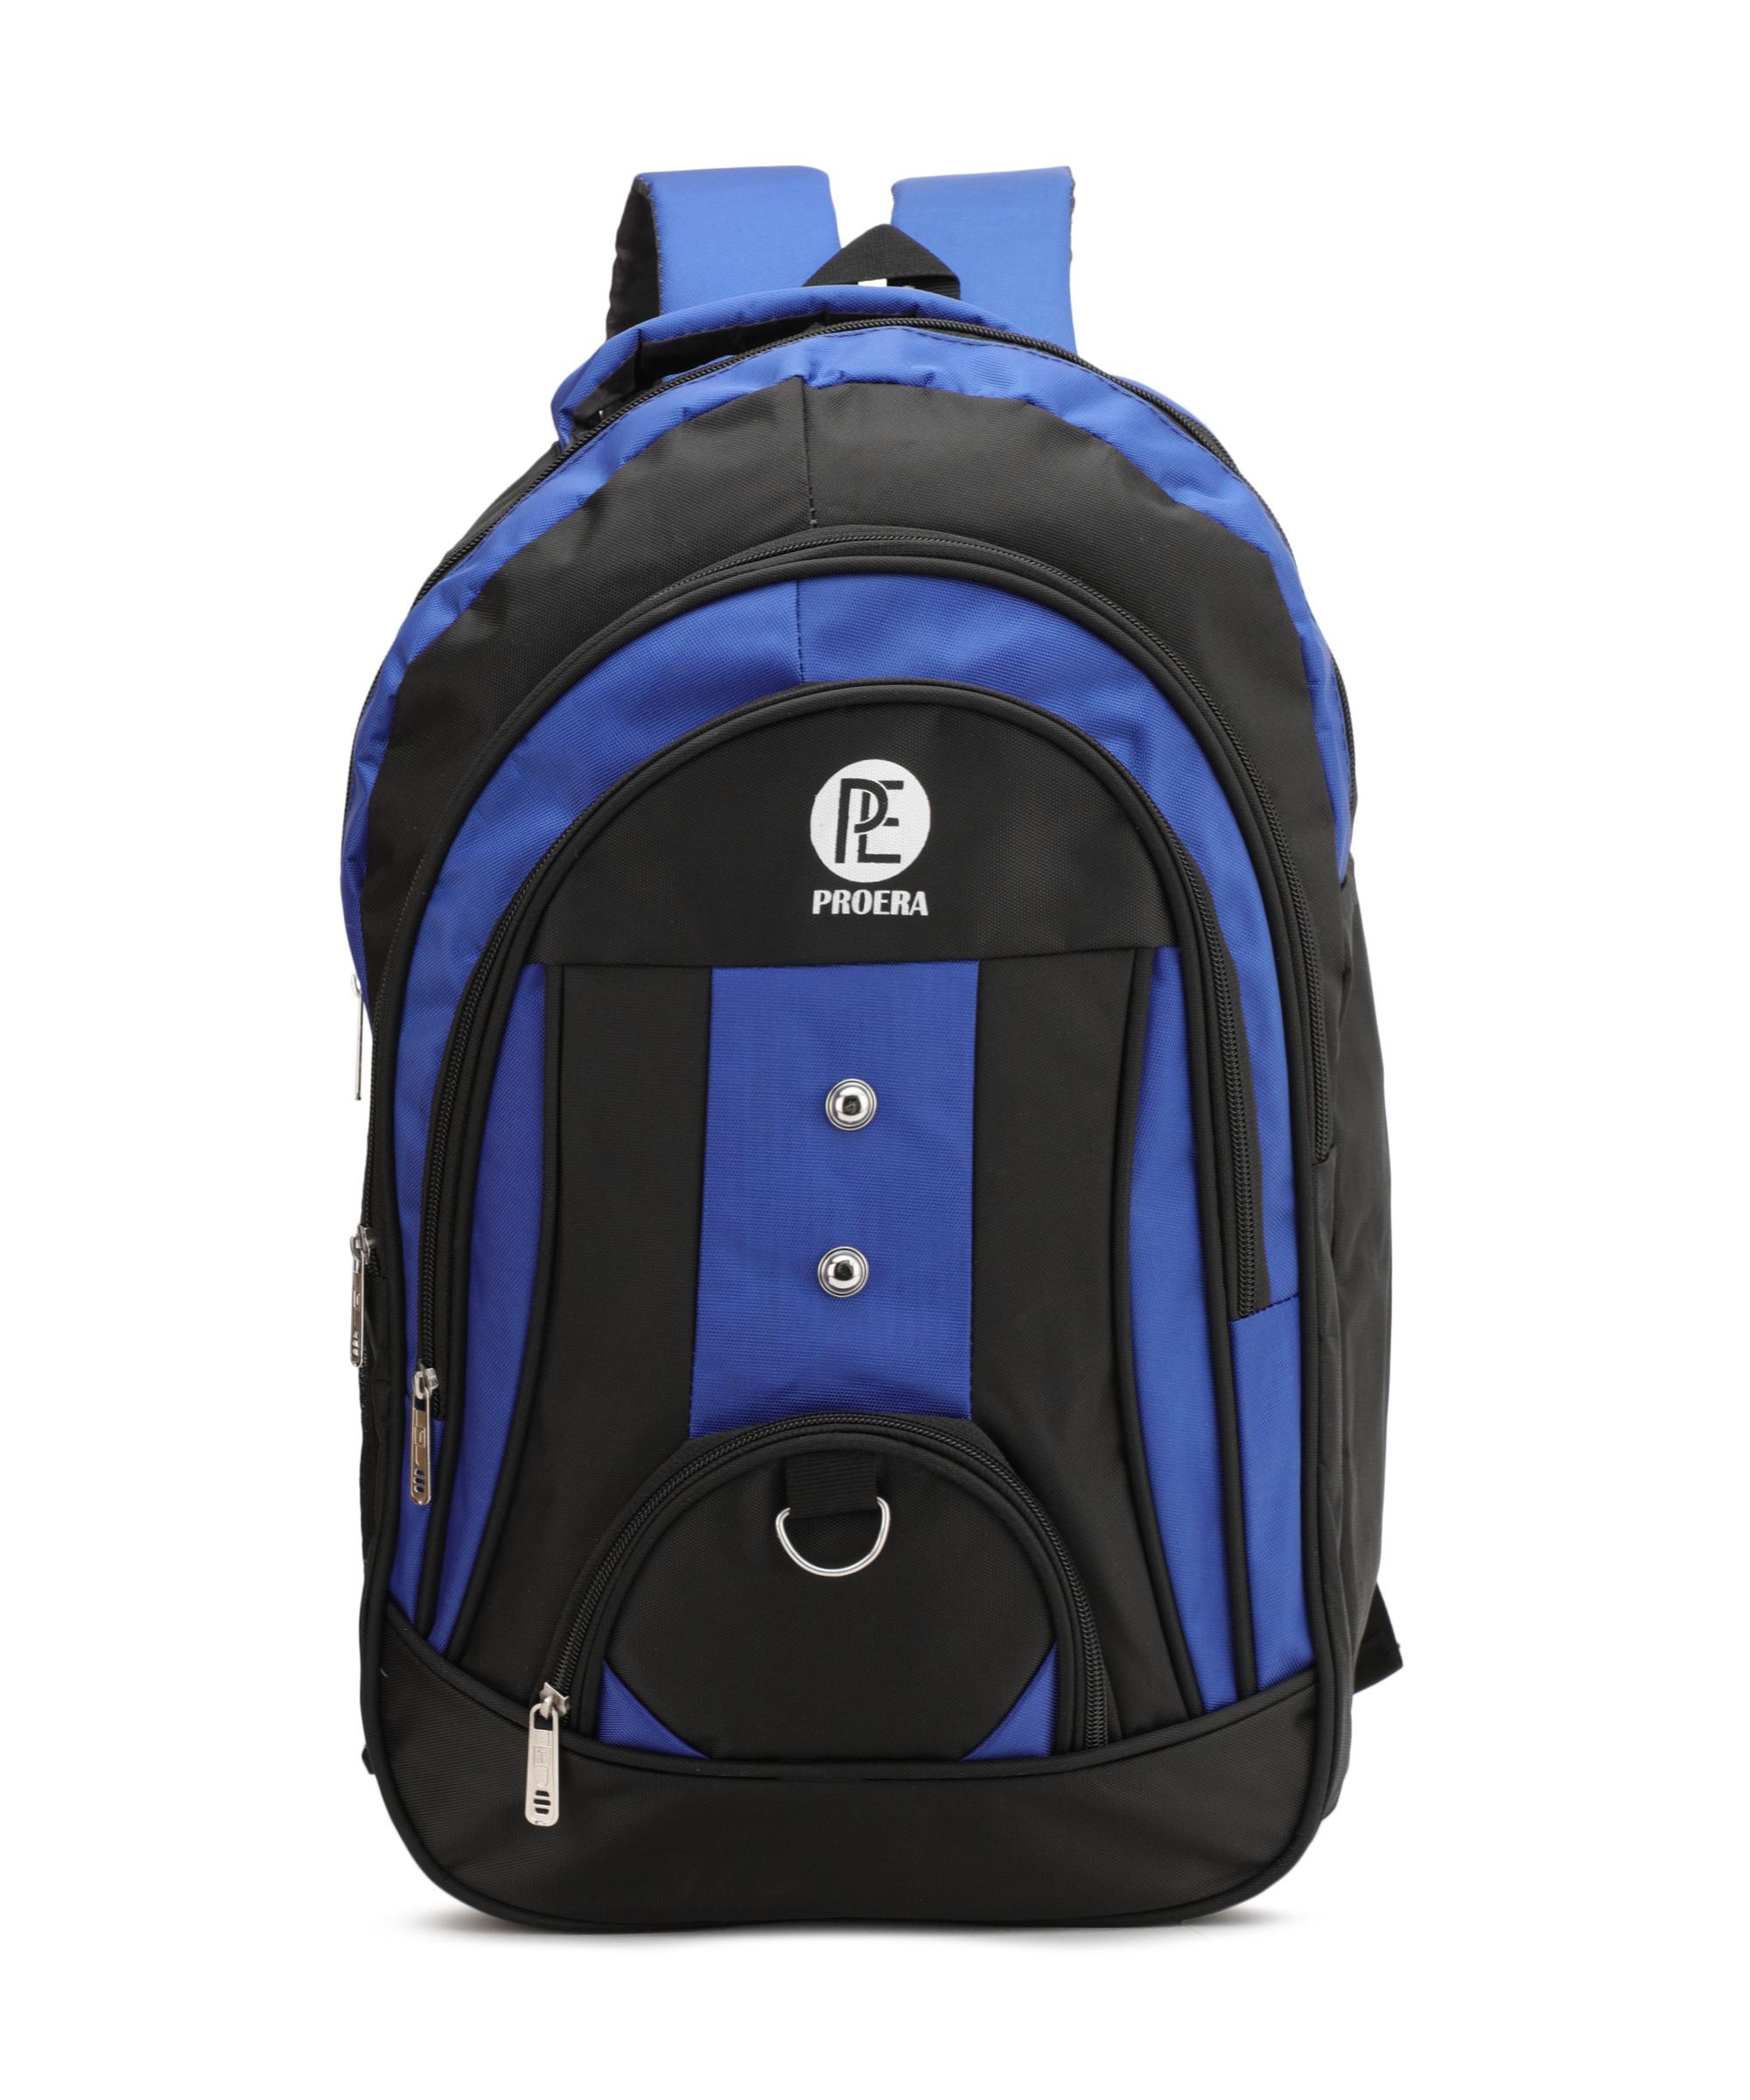 Proera Blue 30 Ltrs Waterproof Polyester School/College   Office Bag  Unisex